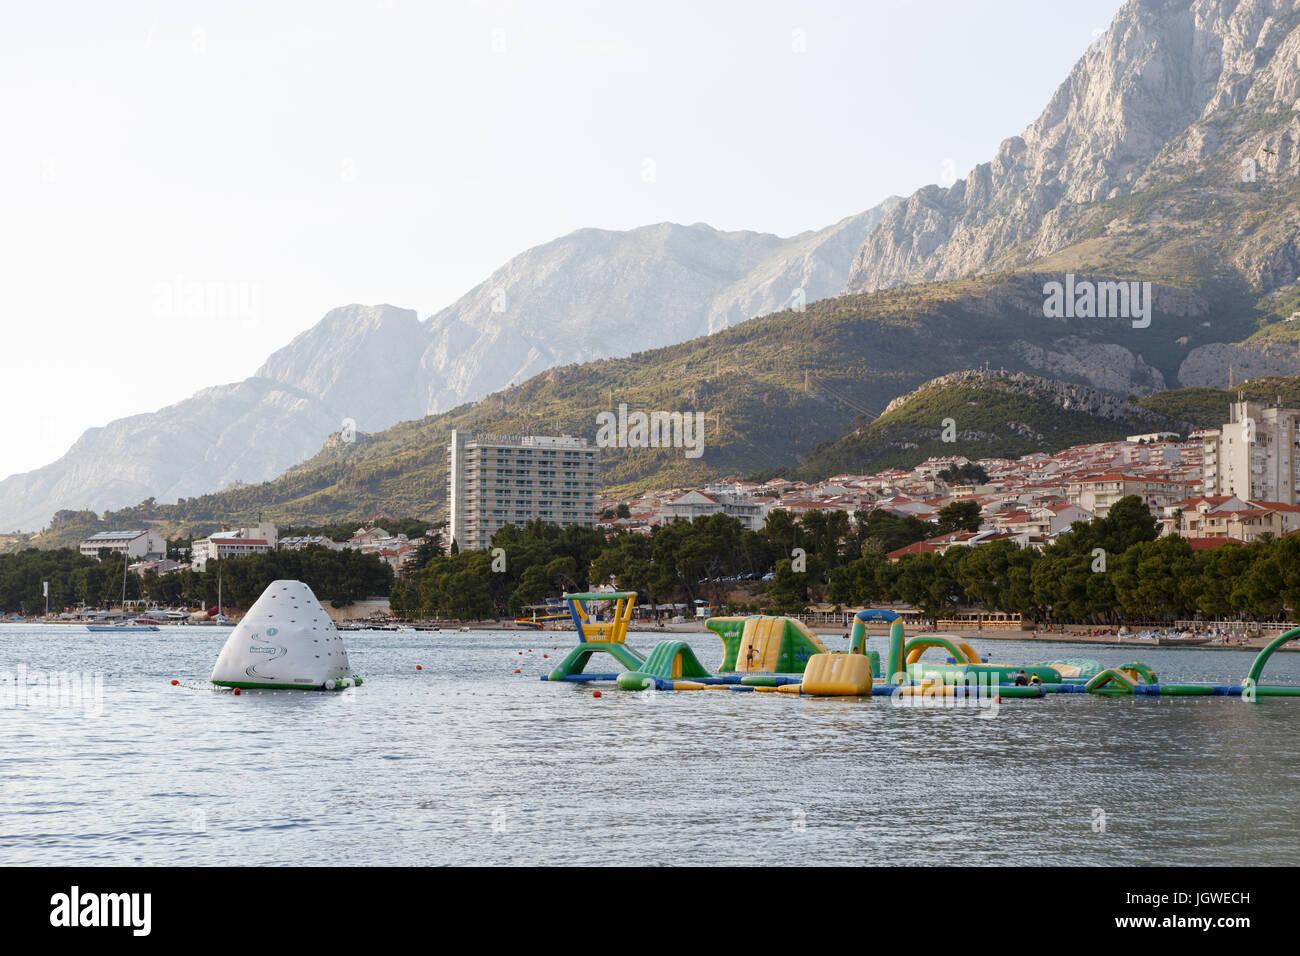 MAKARSKA RIVIERA, Kroatien - 20. Juni 2017: aufblasbare Prellen Burg am Strand. Schwimmen aufblasbaren Spielplatz Stockbild